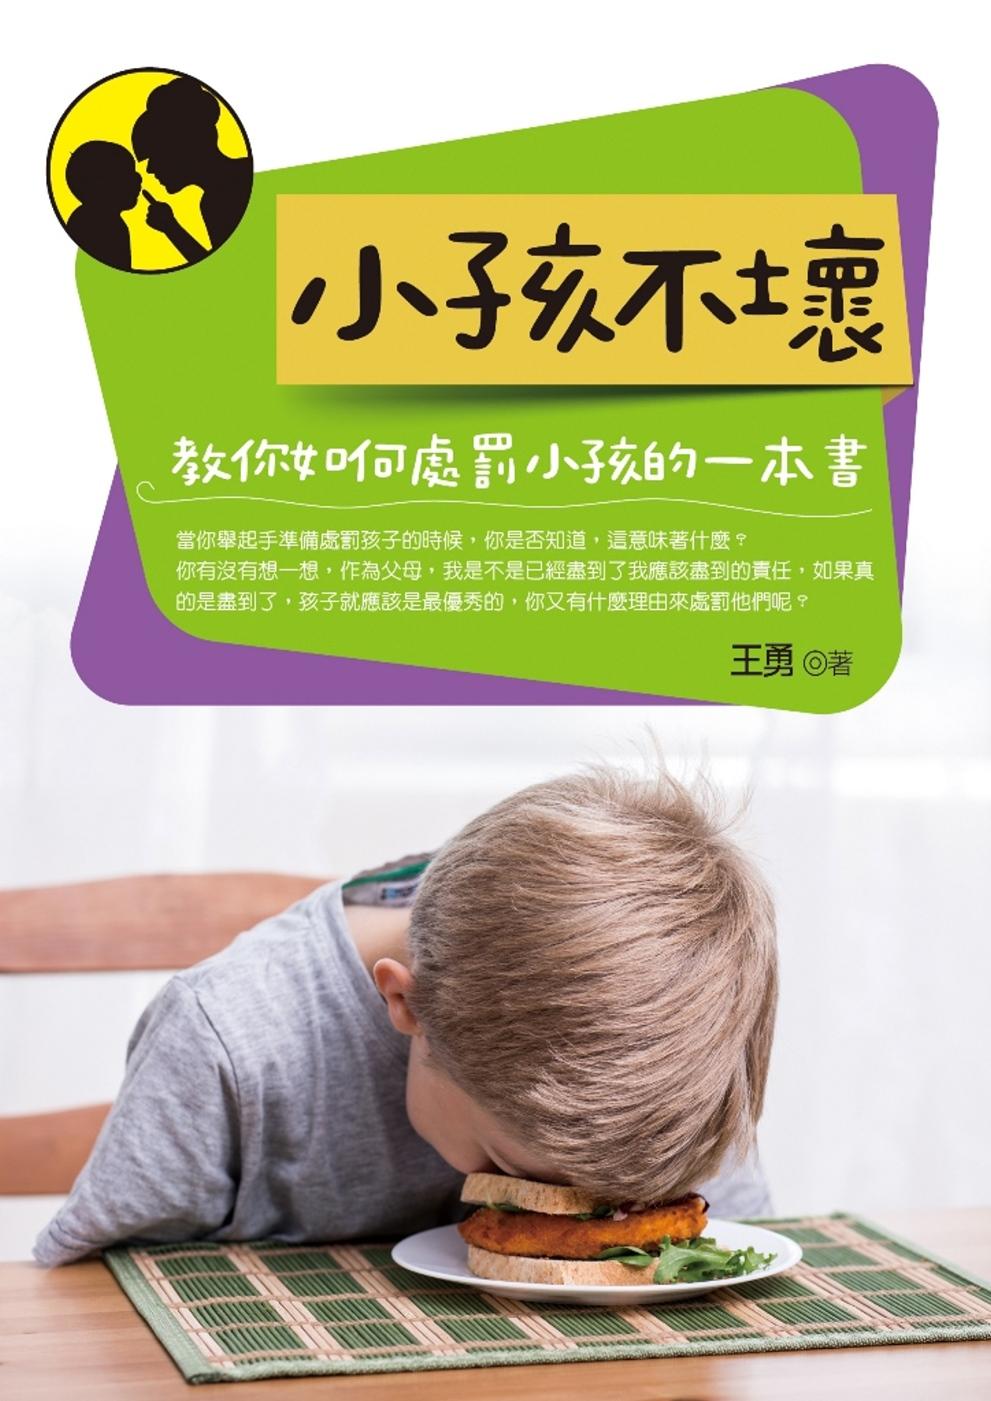 小孩不壞:教你如何處罰小孩的一本書